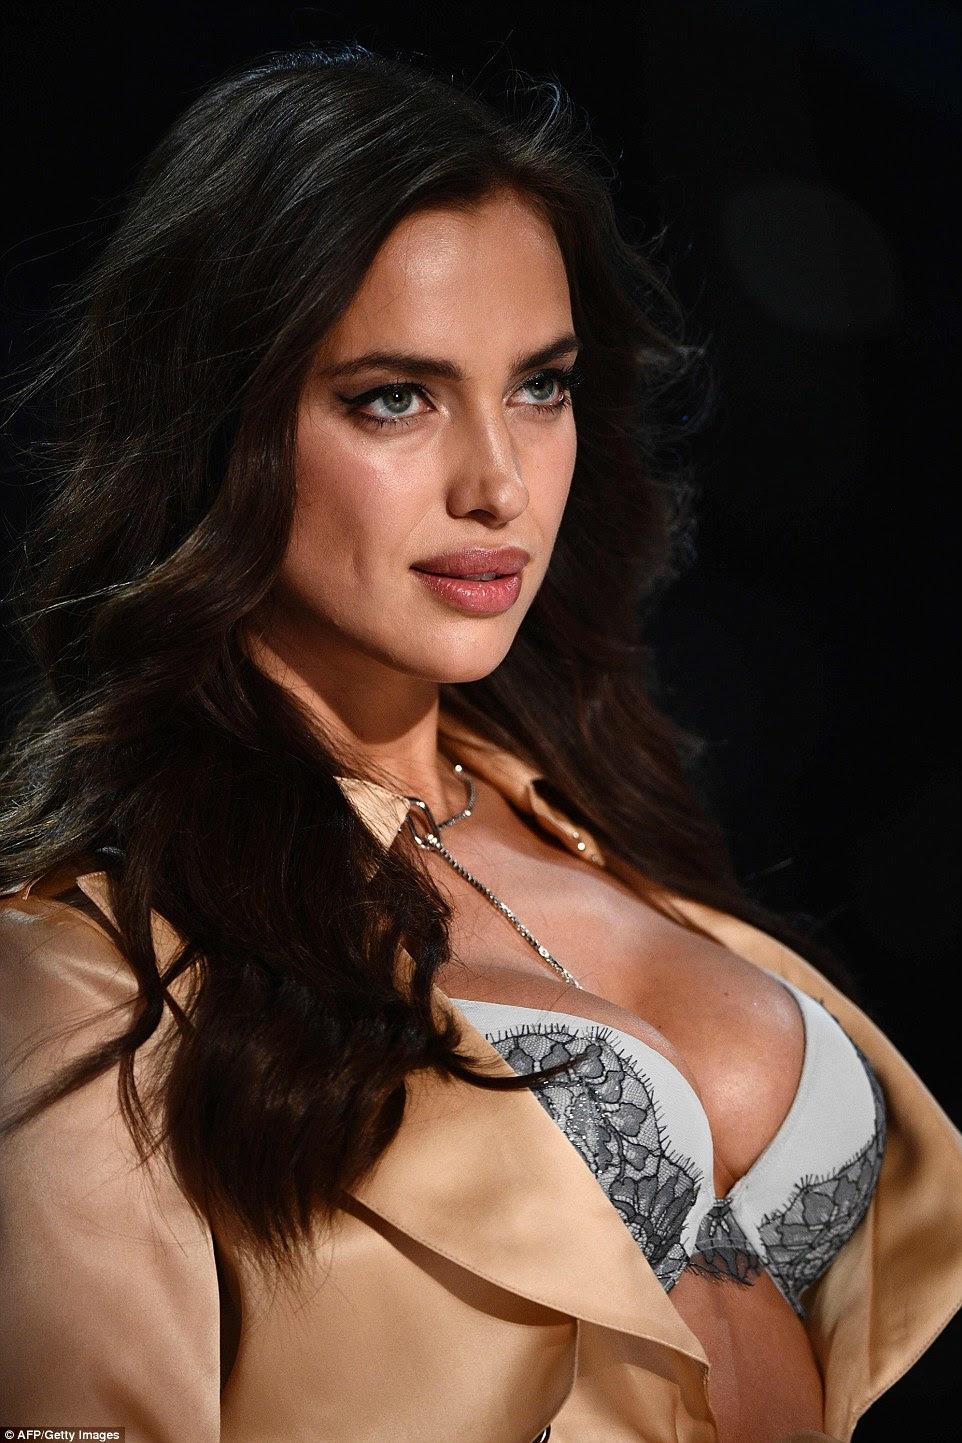 beleza Buxom: Após uma rápida mudança, a estrela vestiu um outro olhar-esconder estômago, balançando um casaco longo de um sutiã azul push-up